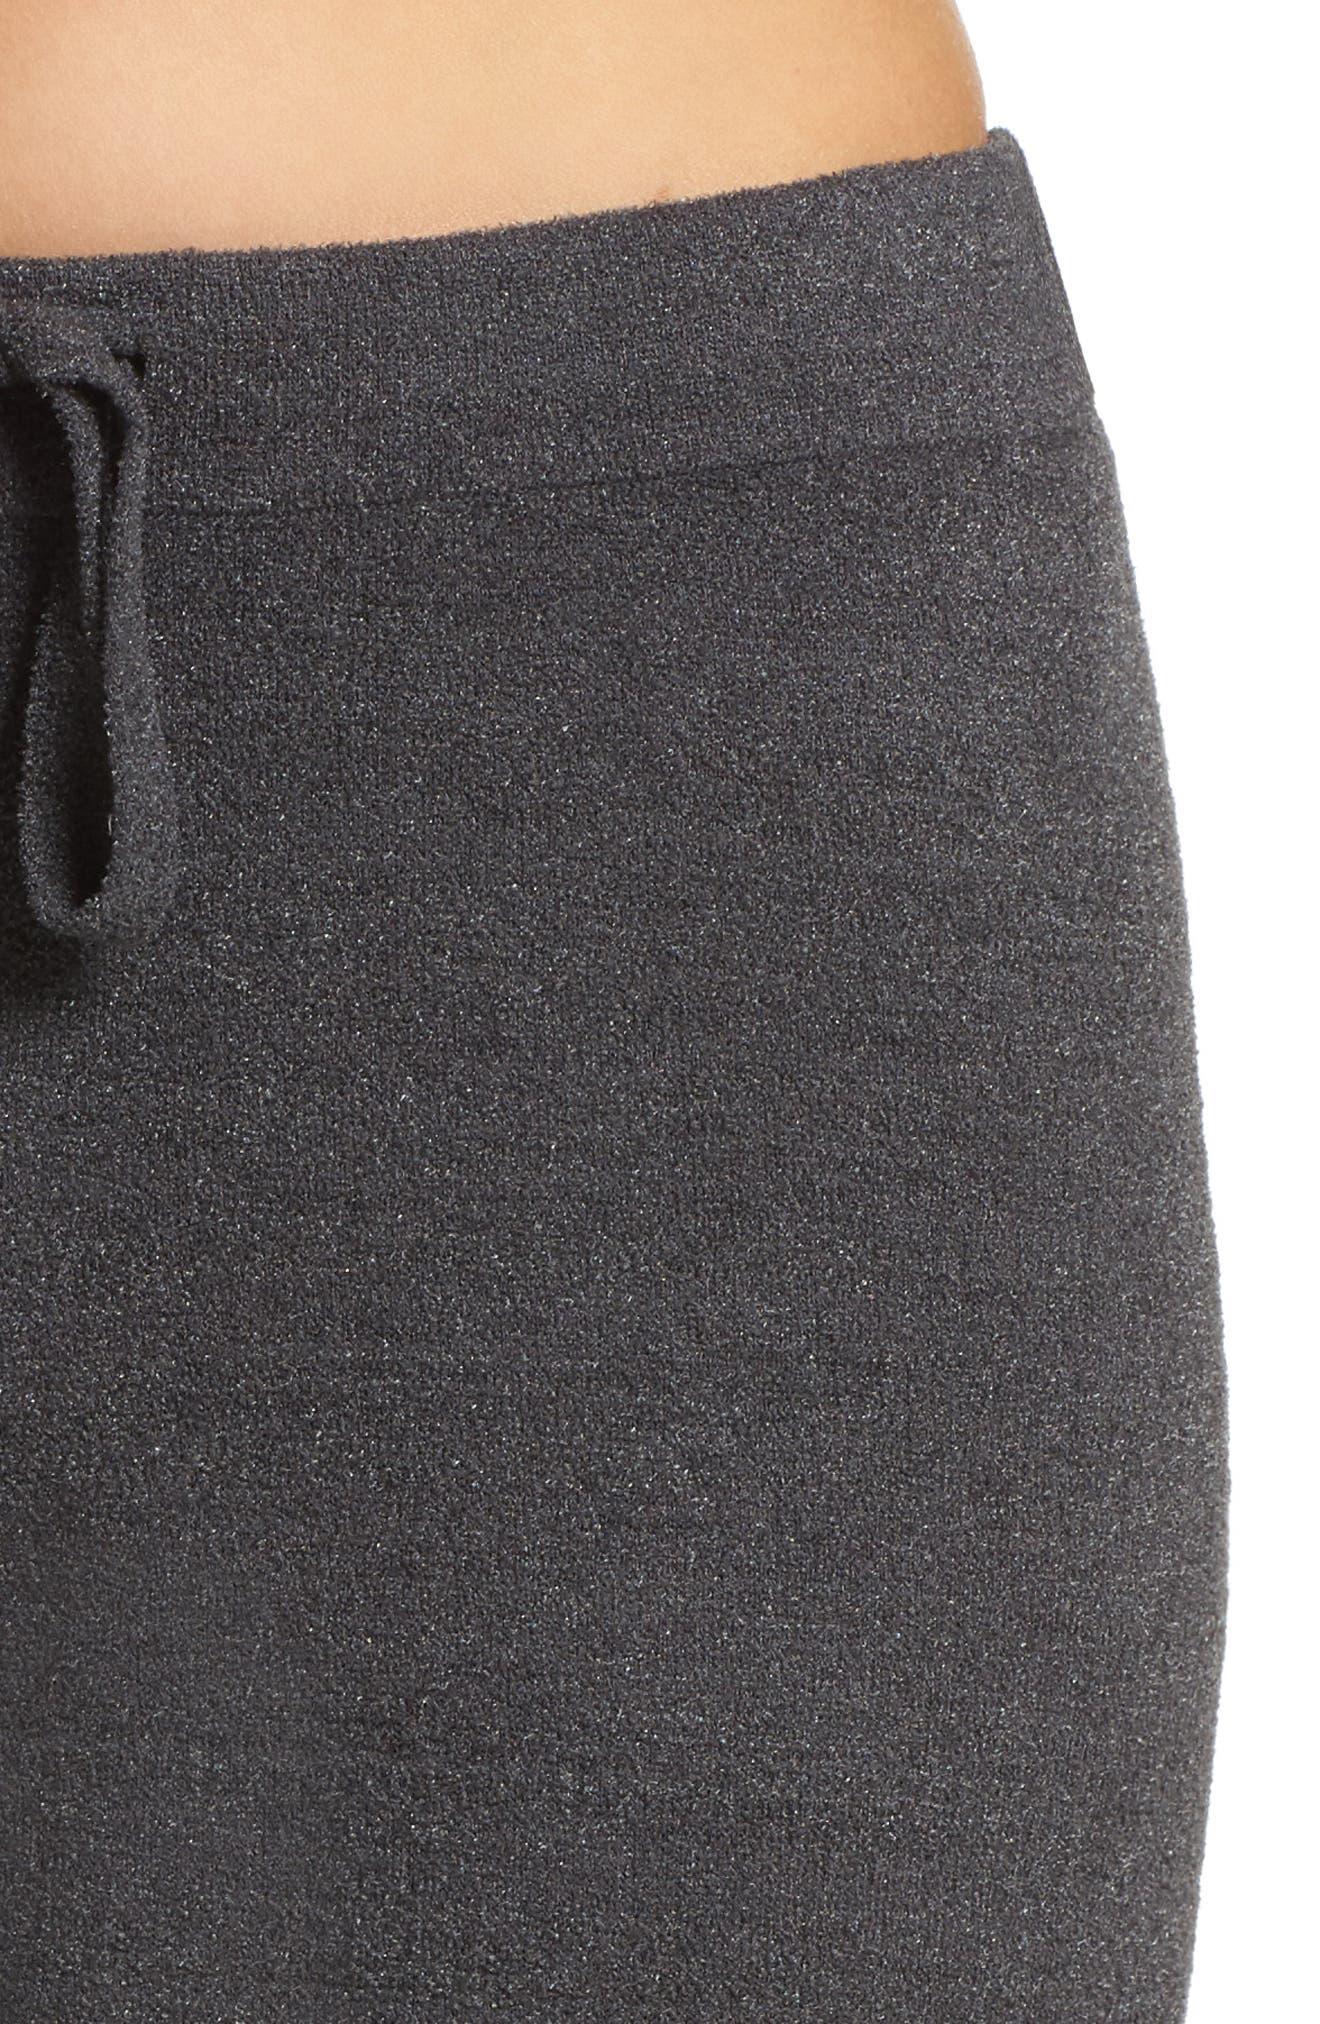 Cozychic Ultra Lite<sup>®</sup> Culotte Lounge Pants,                             Alternate thumbnail 4, color,                             CARBON